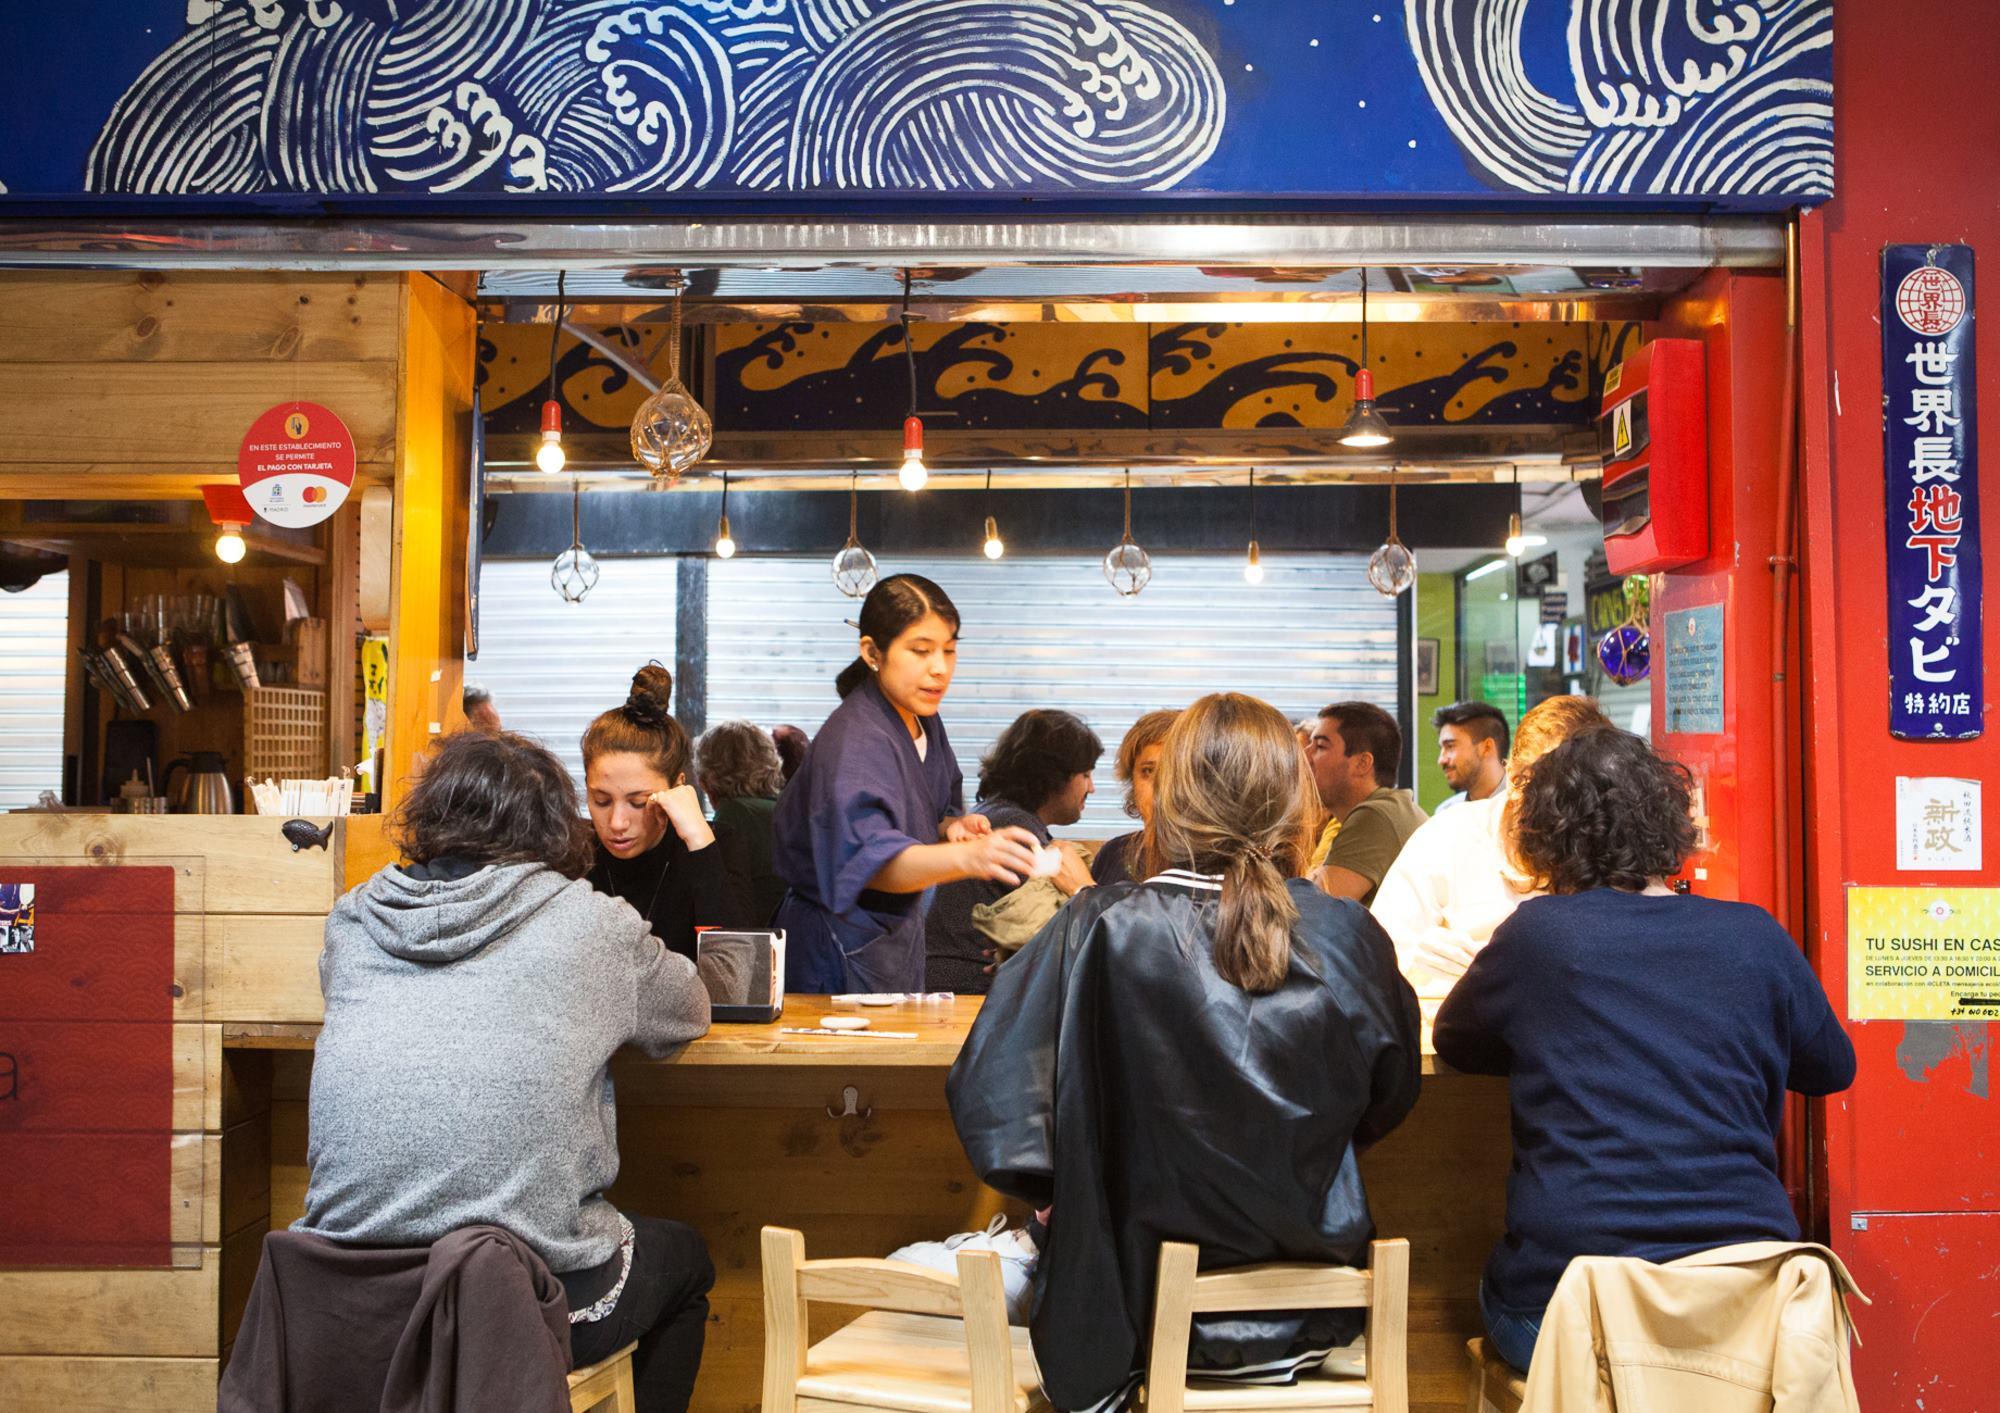 El 'Yoka Loka' fue de los primeros puestos de mercado de sushi en España, allá por el 2007.